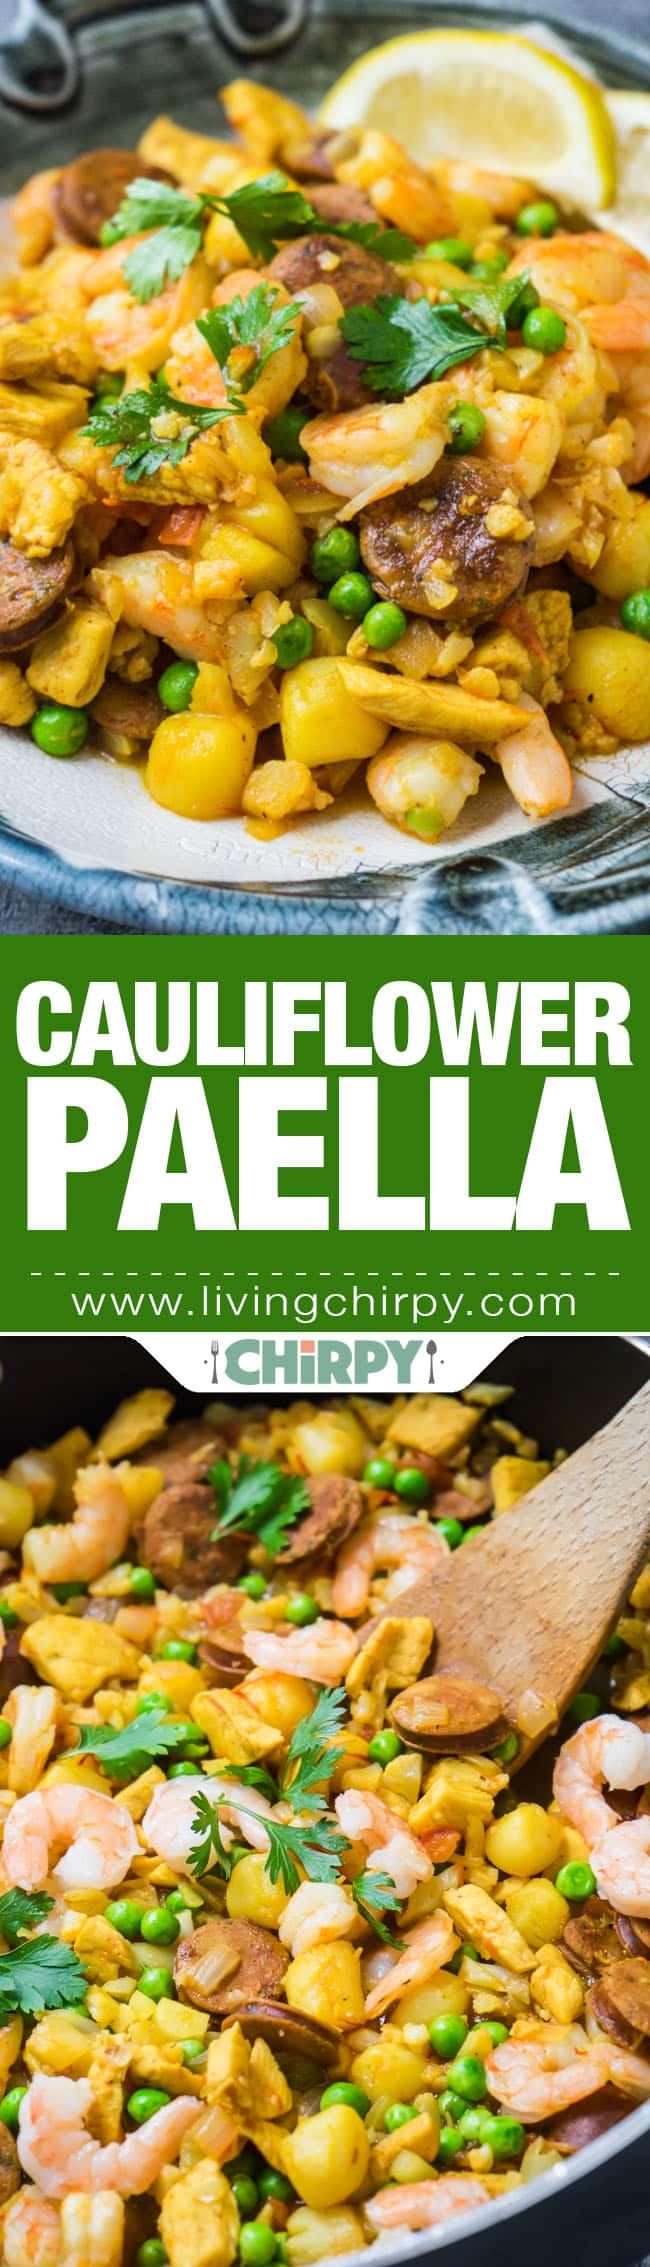 cauliflower-paella 2